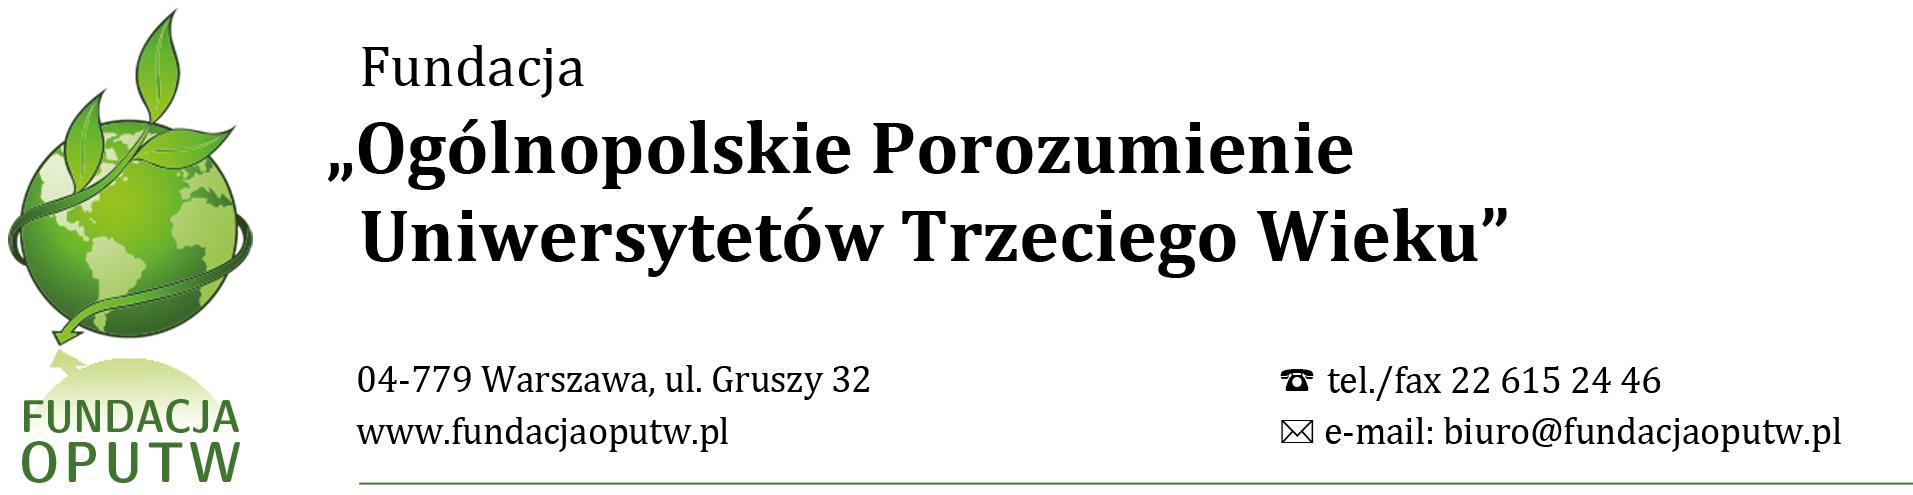 Ogólnopolskie Porozumienie Uniwersytetów Trzeciego Wieku.